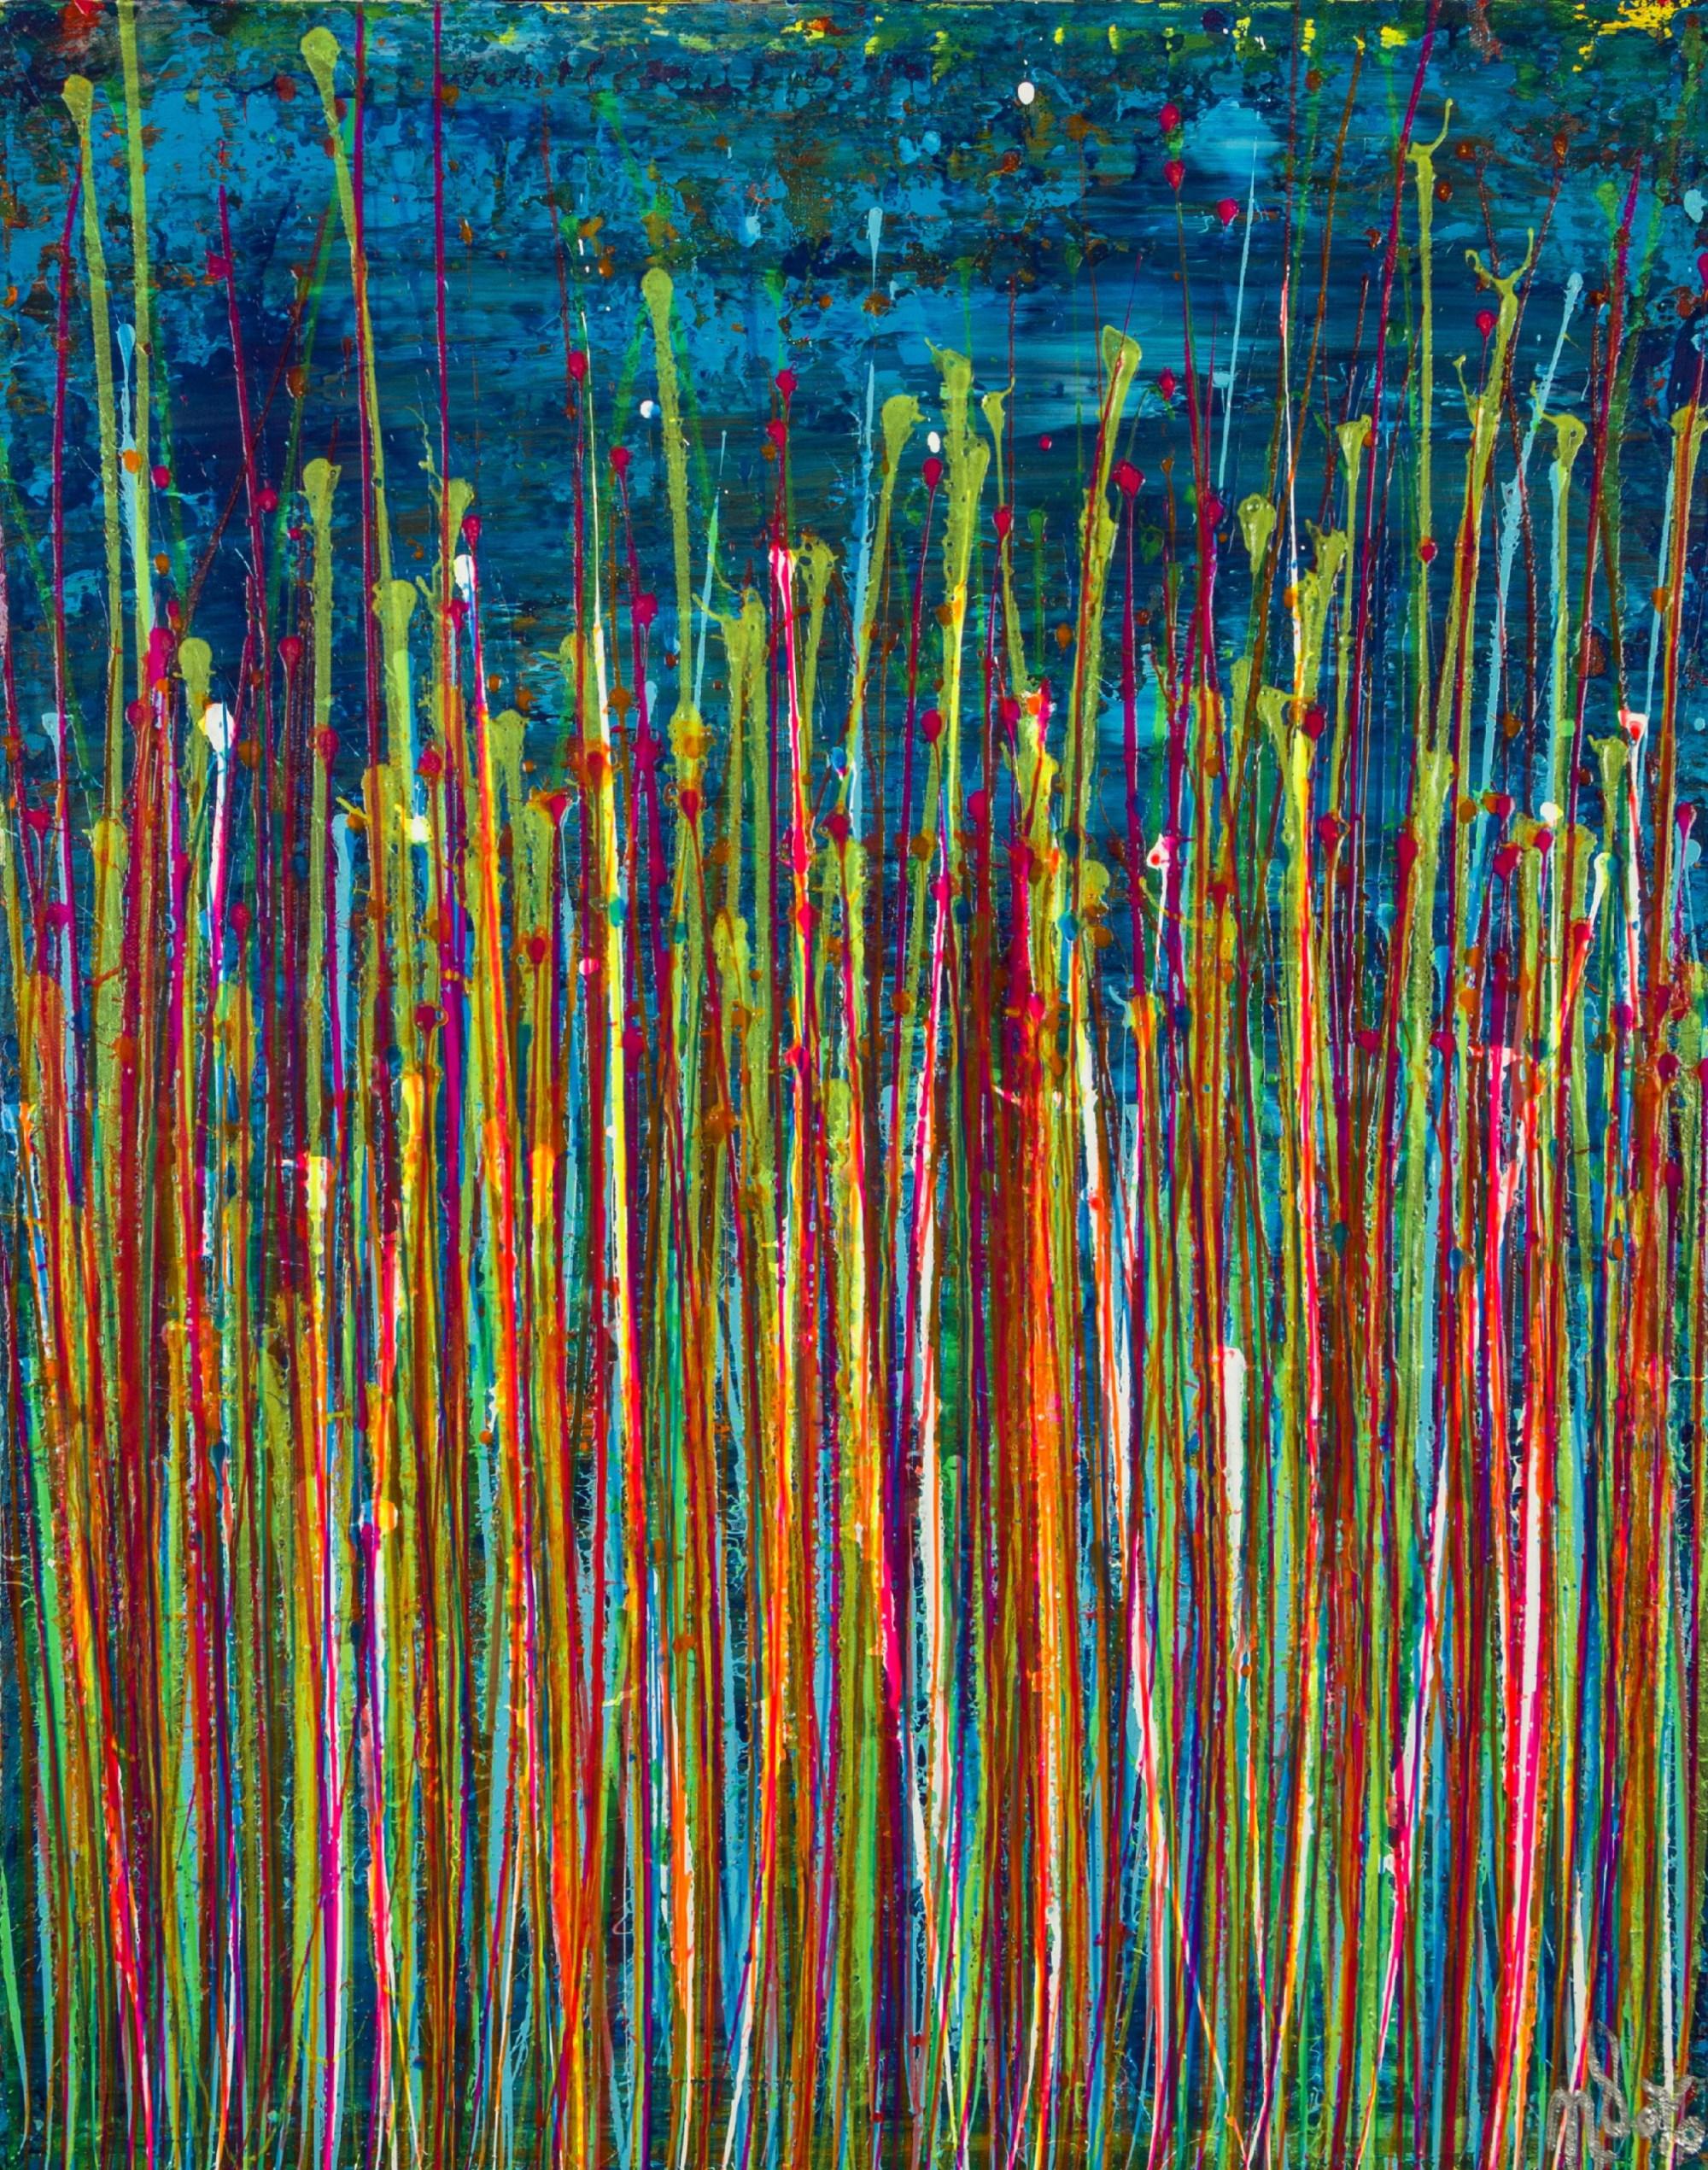 SOLD / Daydream panorama (Natures Imagery) 25 (2021) by Nestor Toro